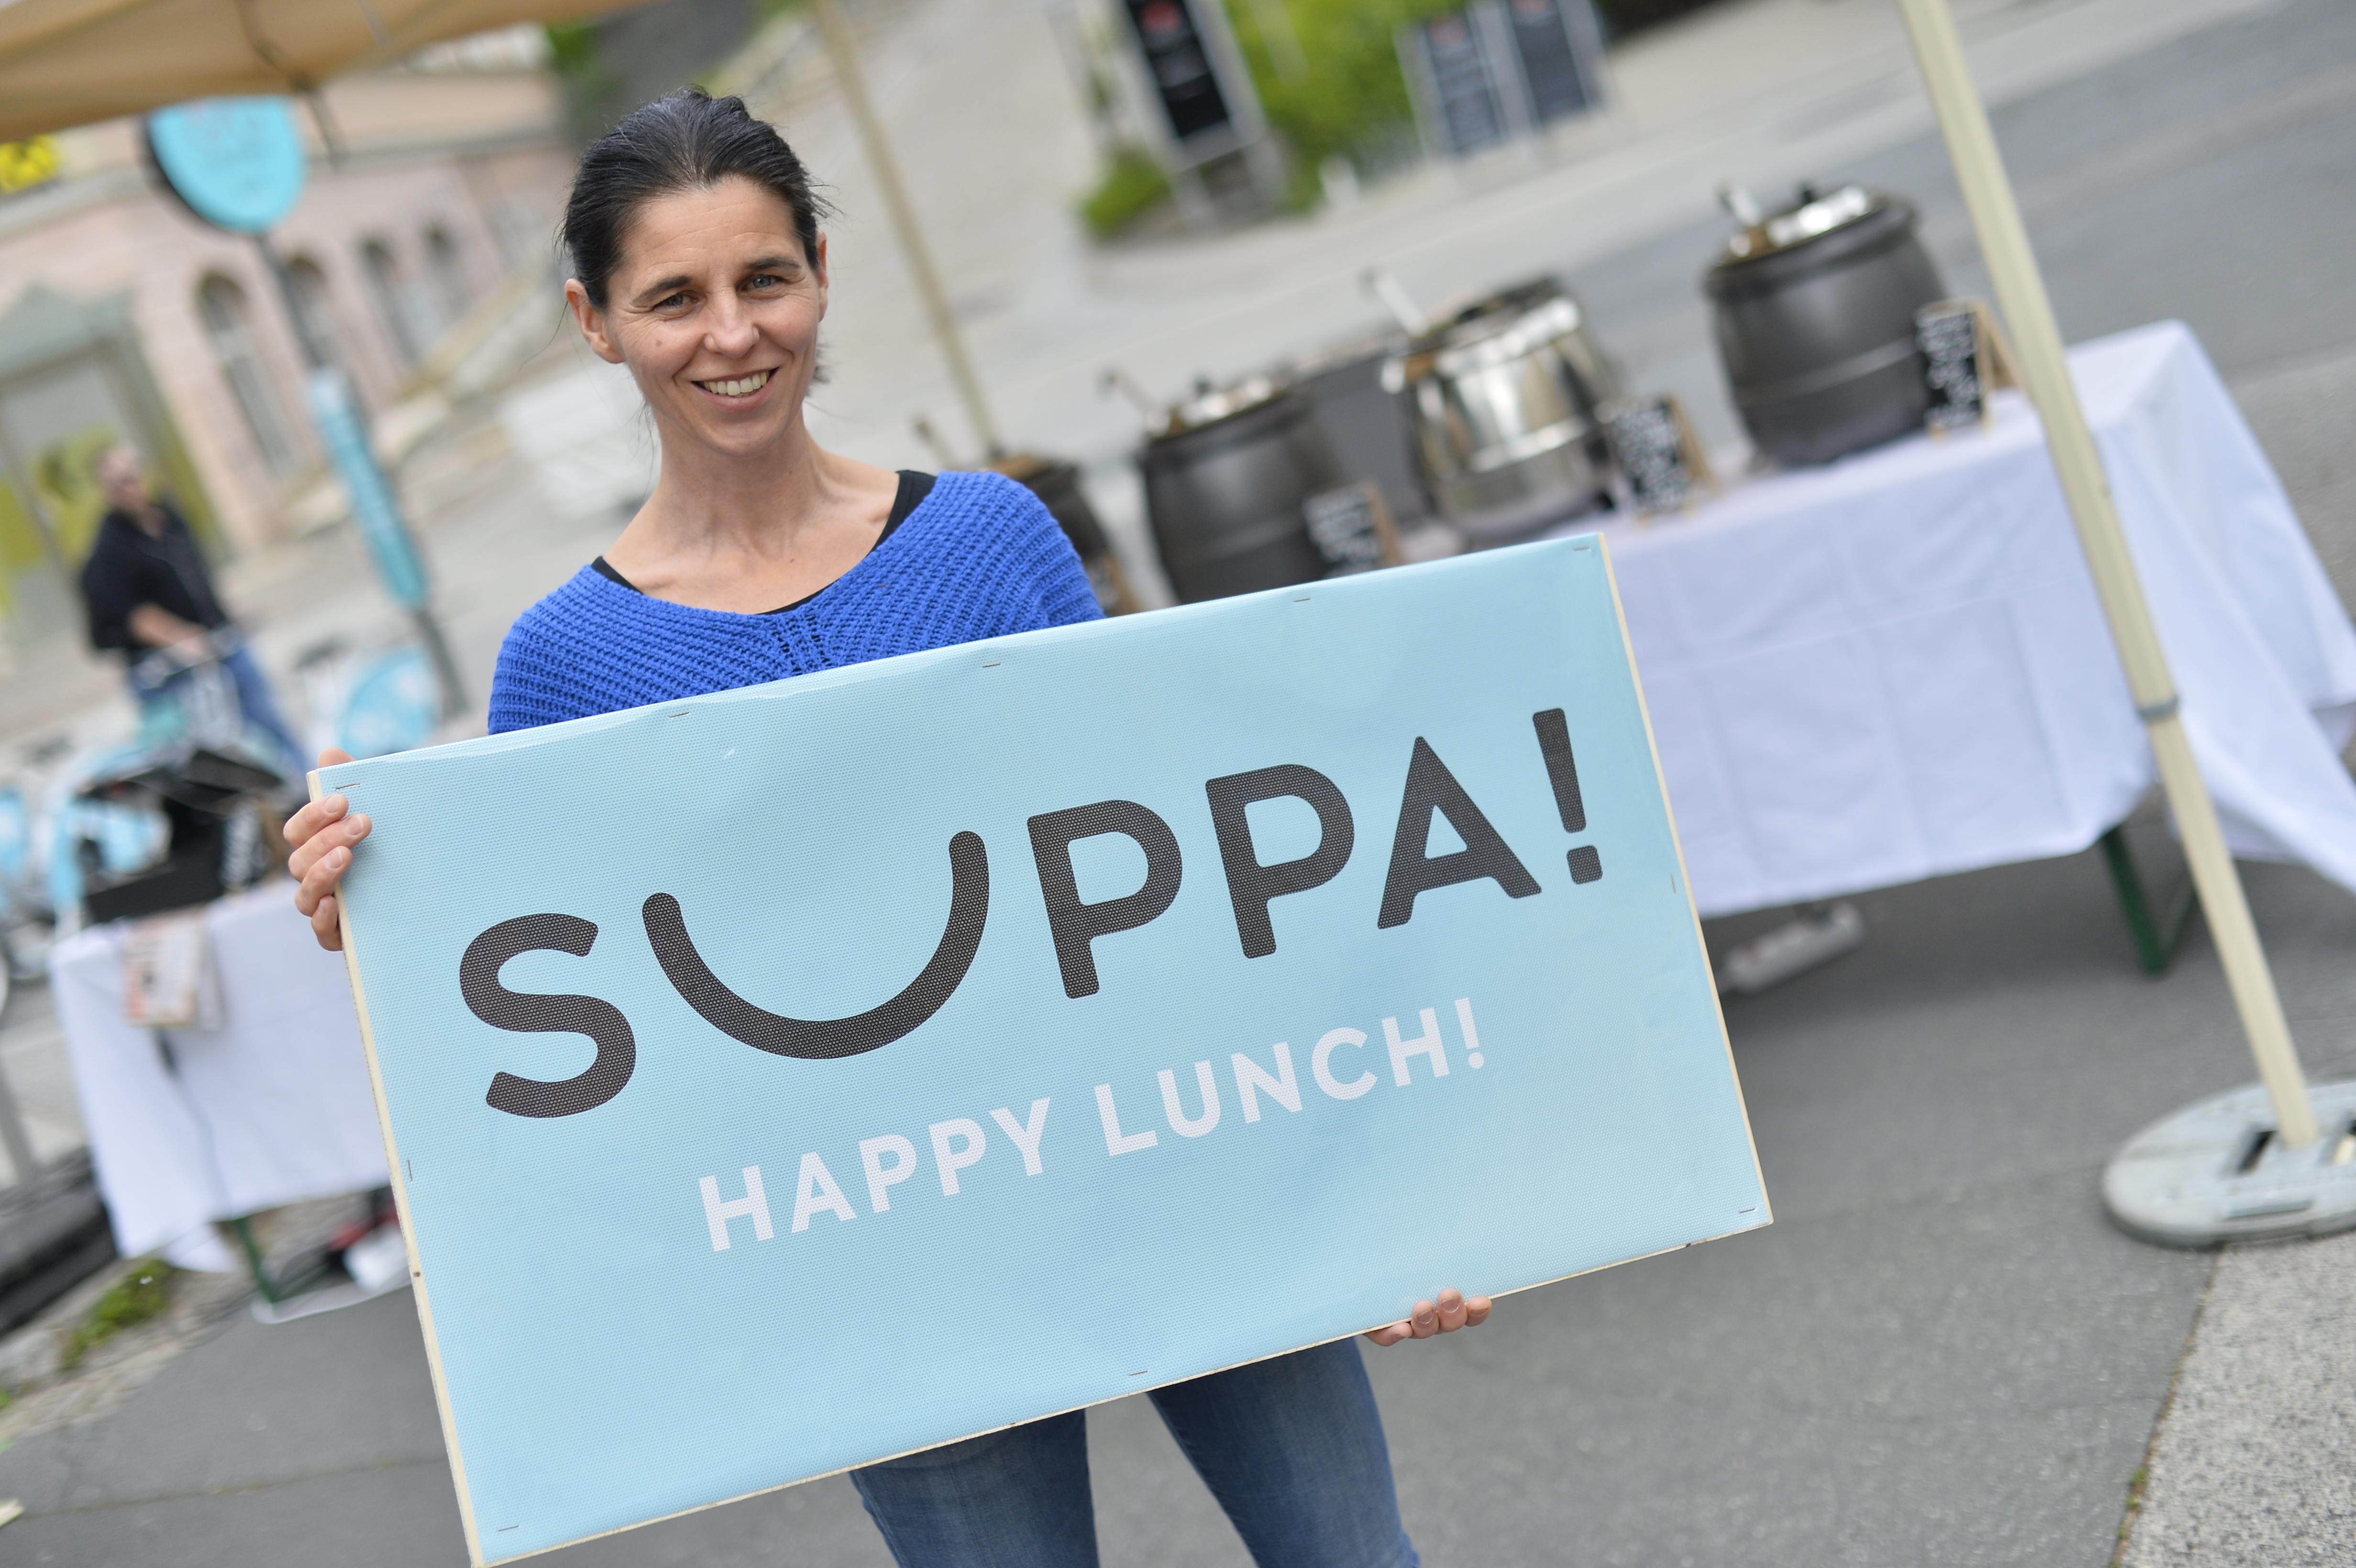 Frisch zubereitete Suppen von SUPPA! © Wirtschaftsservice / Helge Bauer